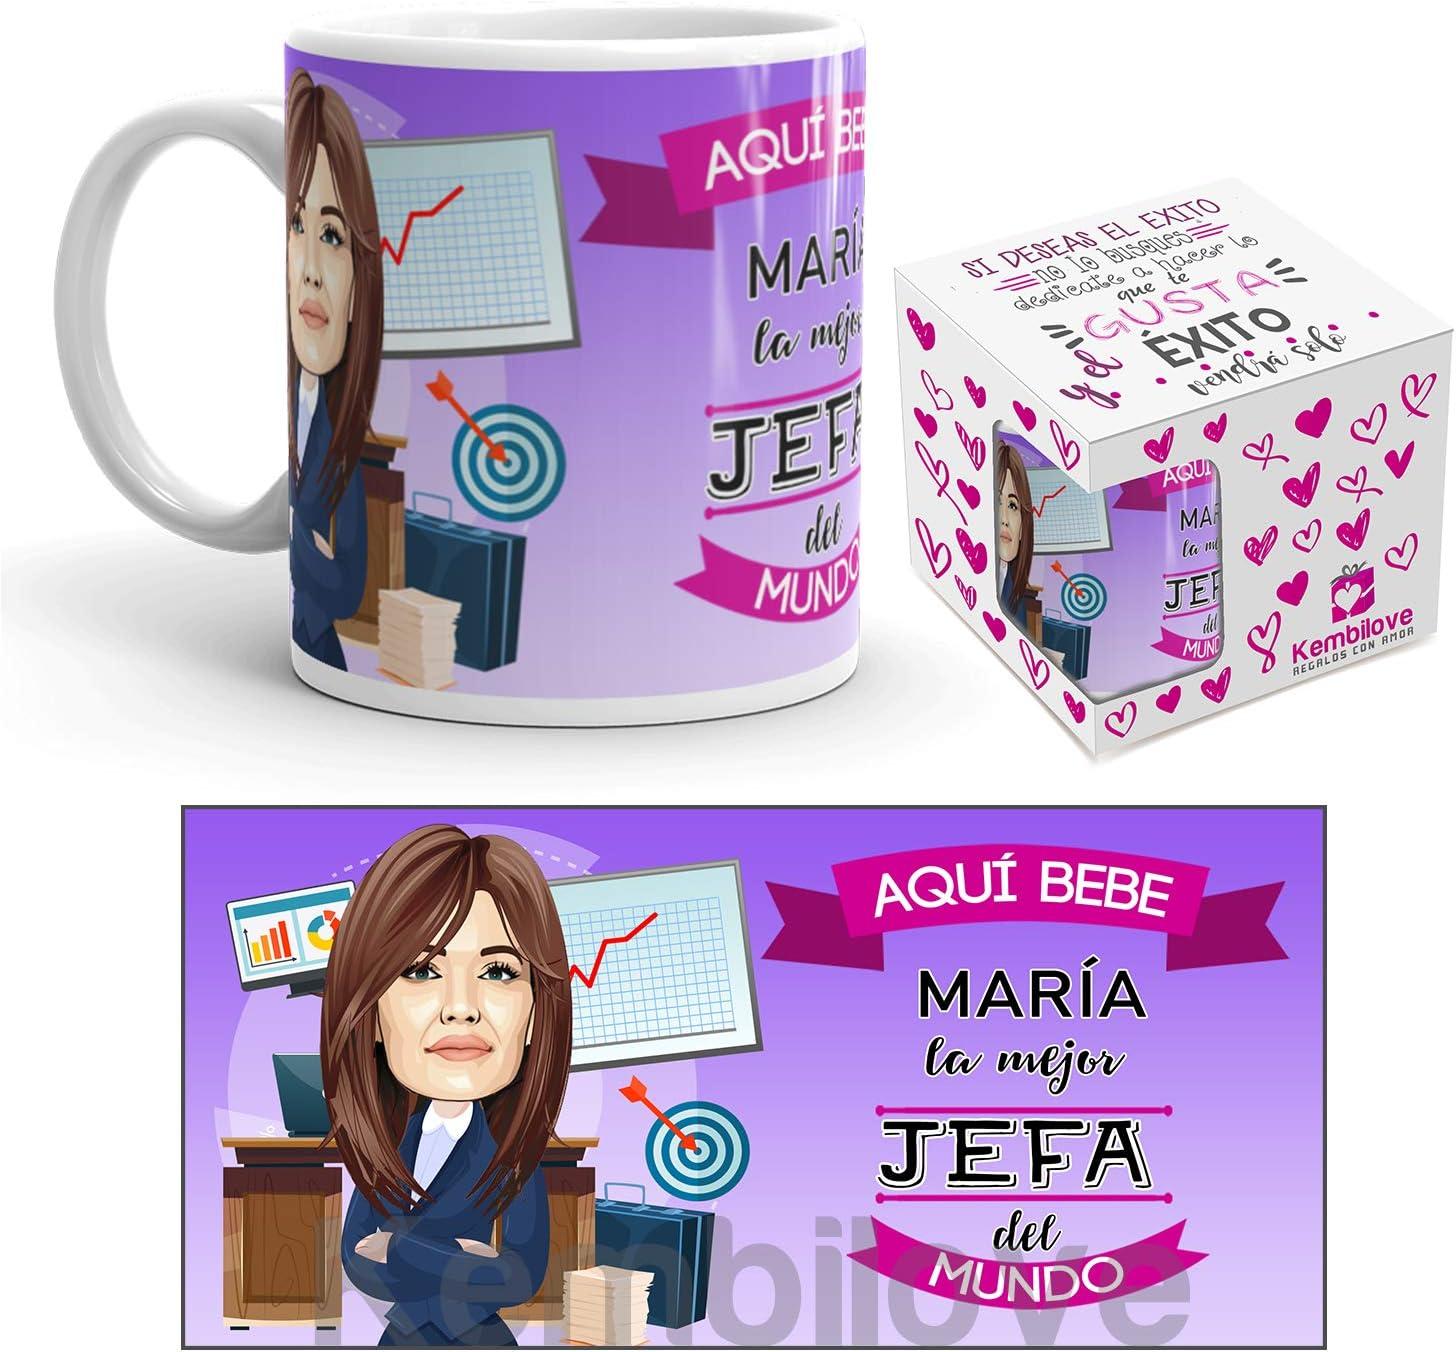 Kembilove Taza Personalizada Caricatura y Nombre – Taza de Café de la Mejor Jefa del Mundo – Taza de Desayuno para la Oficina – Taza para Profesionales – Tazas para Jefas